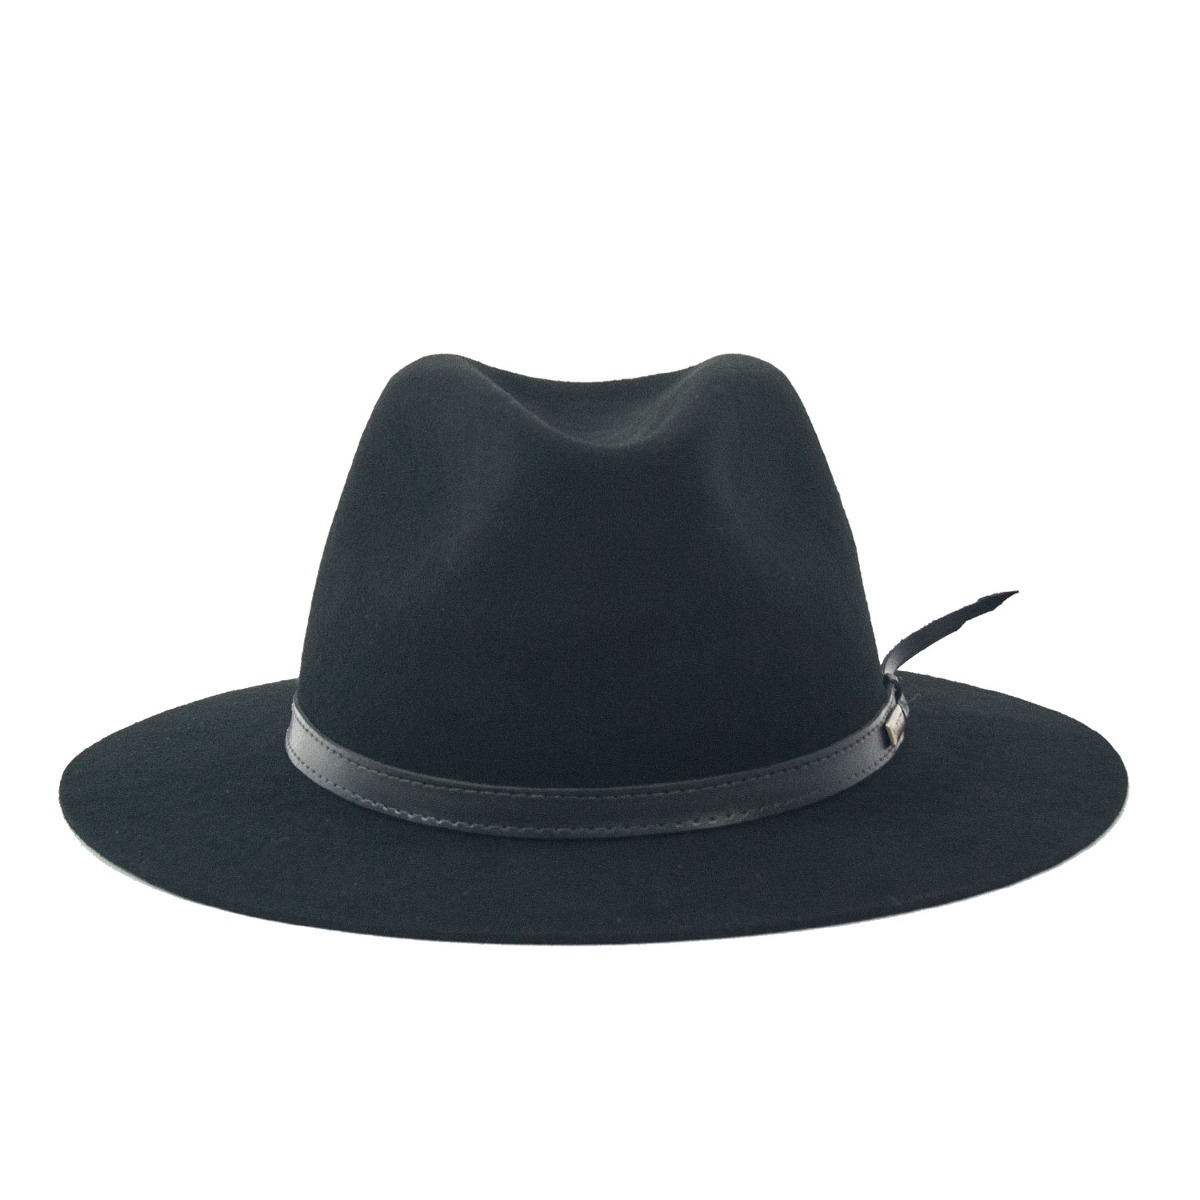 chapéu outback explorer-preto-tamanho 59. Carregando zoom. 0d46ec2cef8